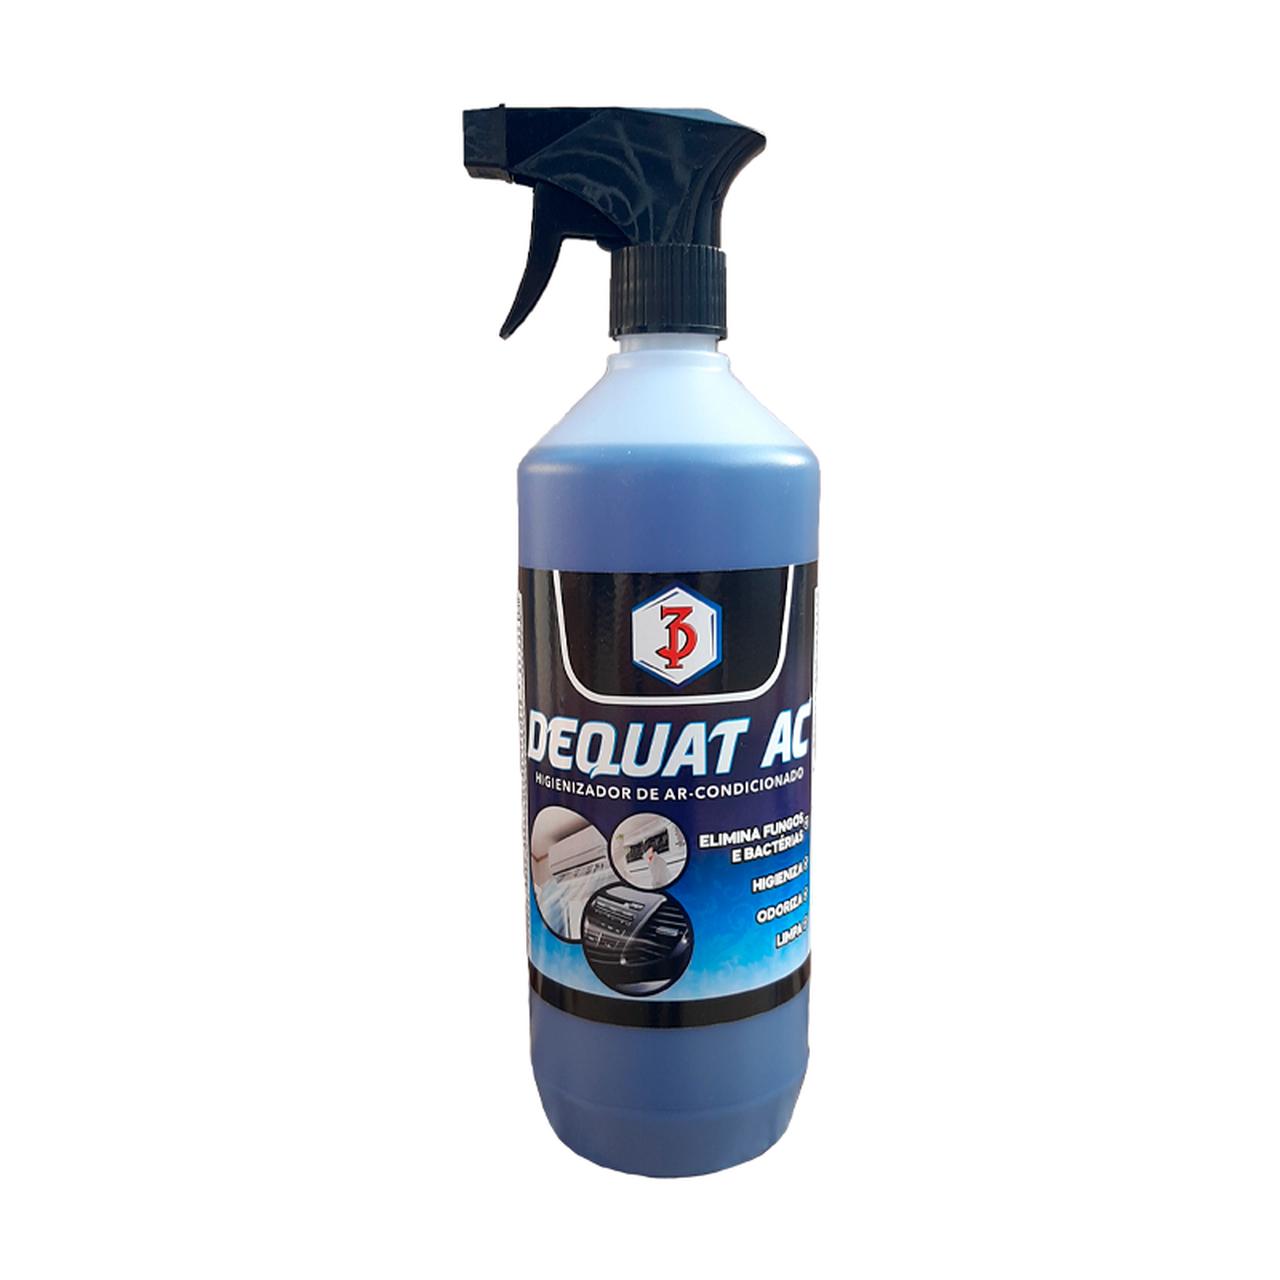 DEQUAT AC 3 Poderes 1L - Higienizador De Ar Condicionado E Desinfetante (Pronto Uso)